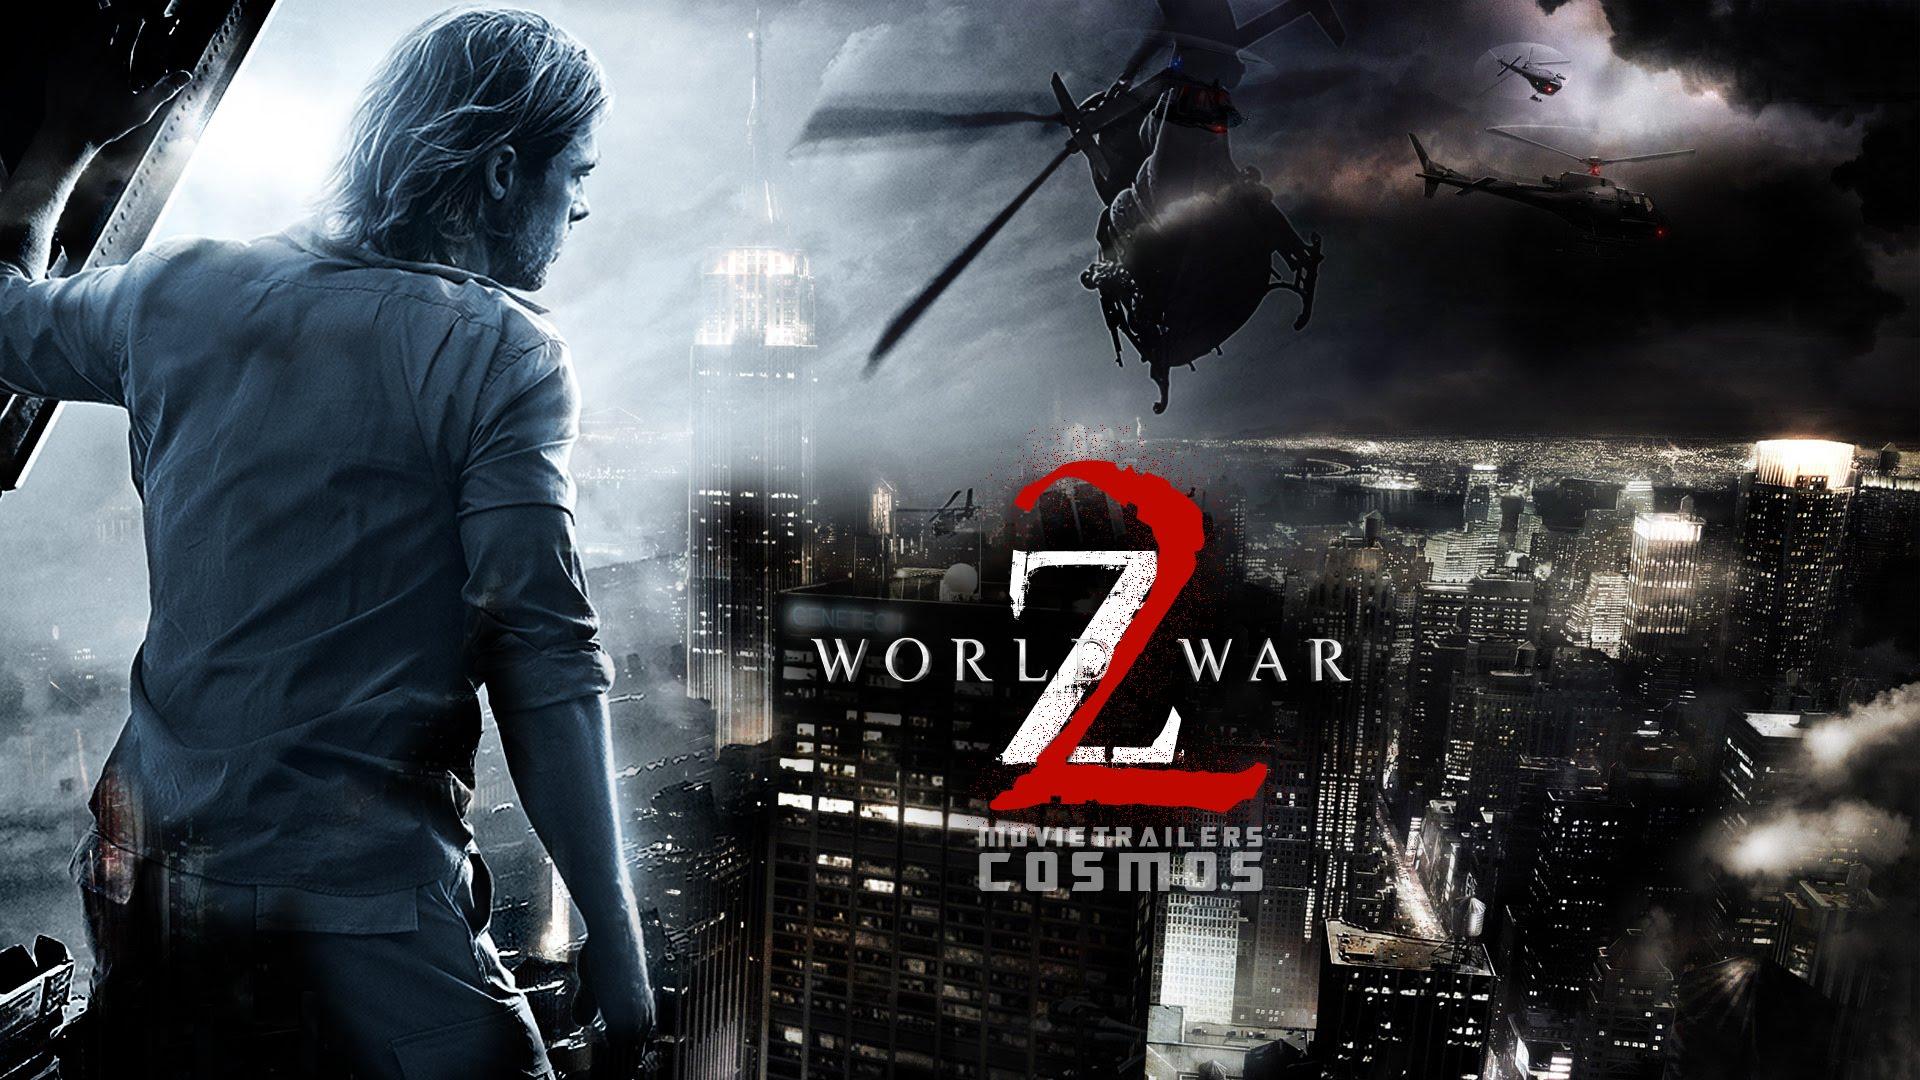 2018 война миров z 2 фильм в хорошем качестве 720